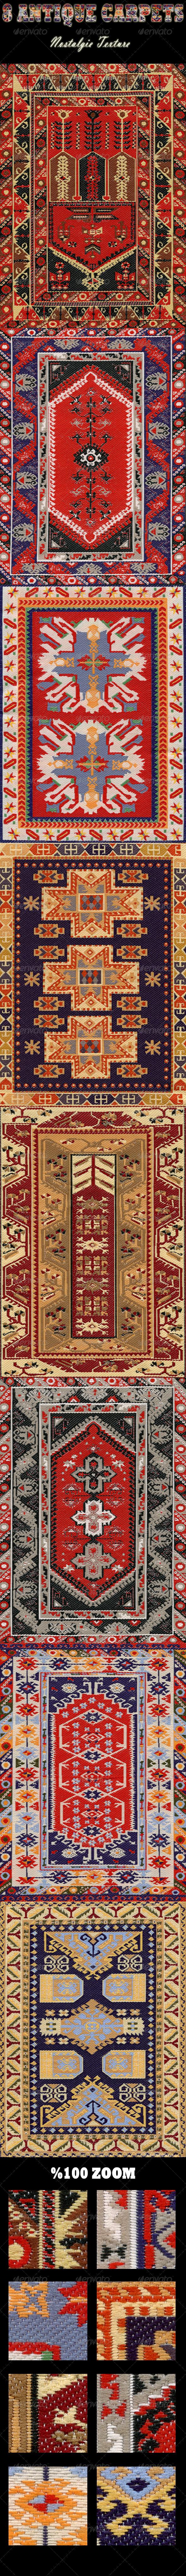 8 Antique Carpets - Nostalgia Texture - Fabric Textures